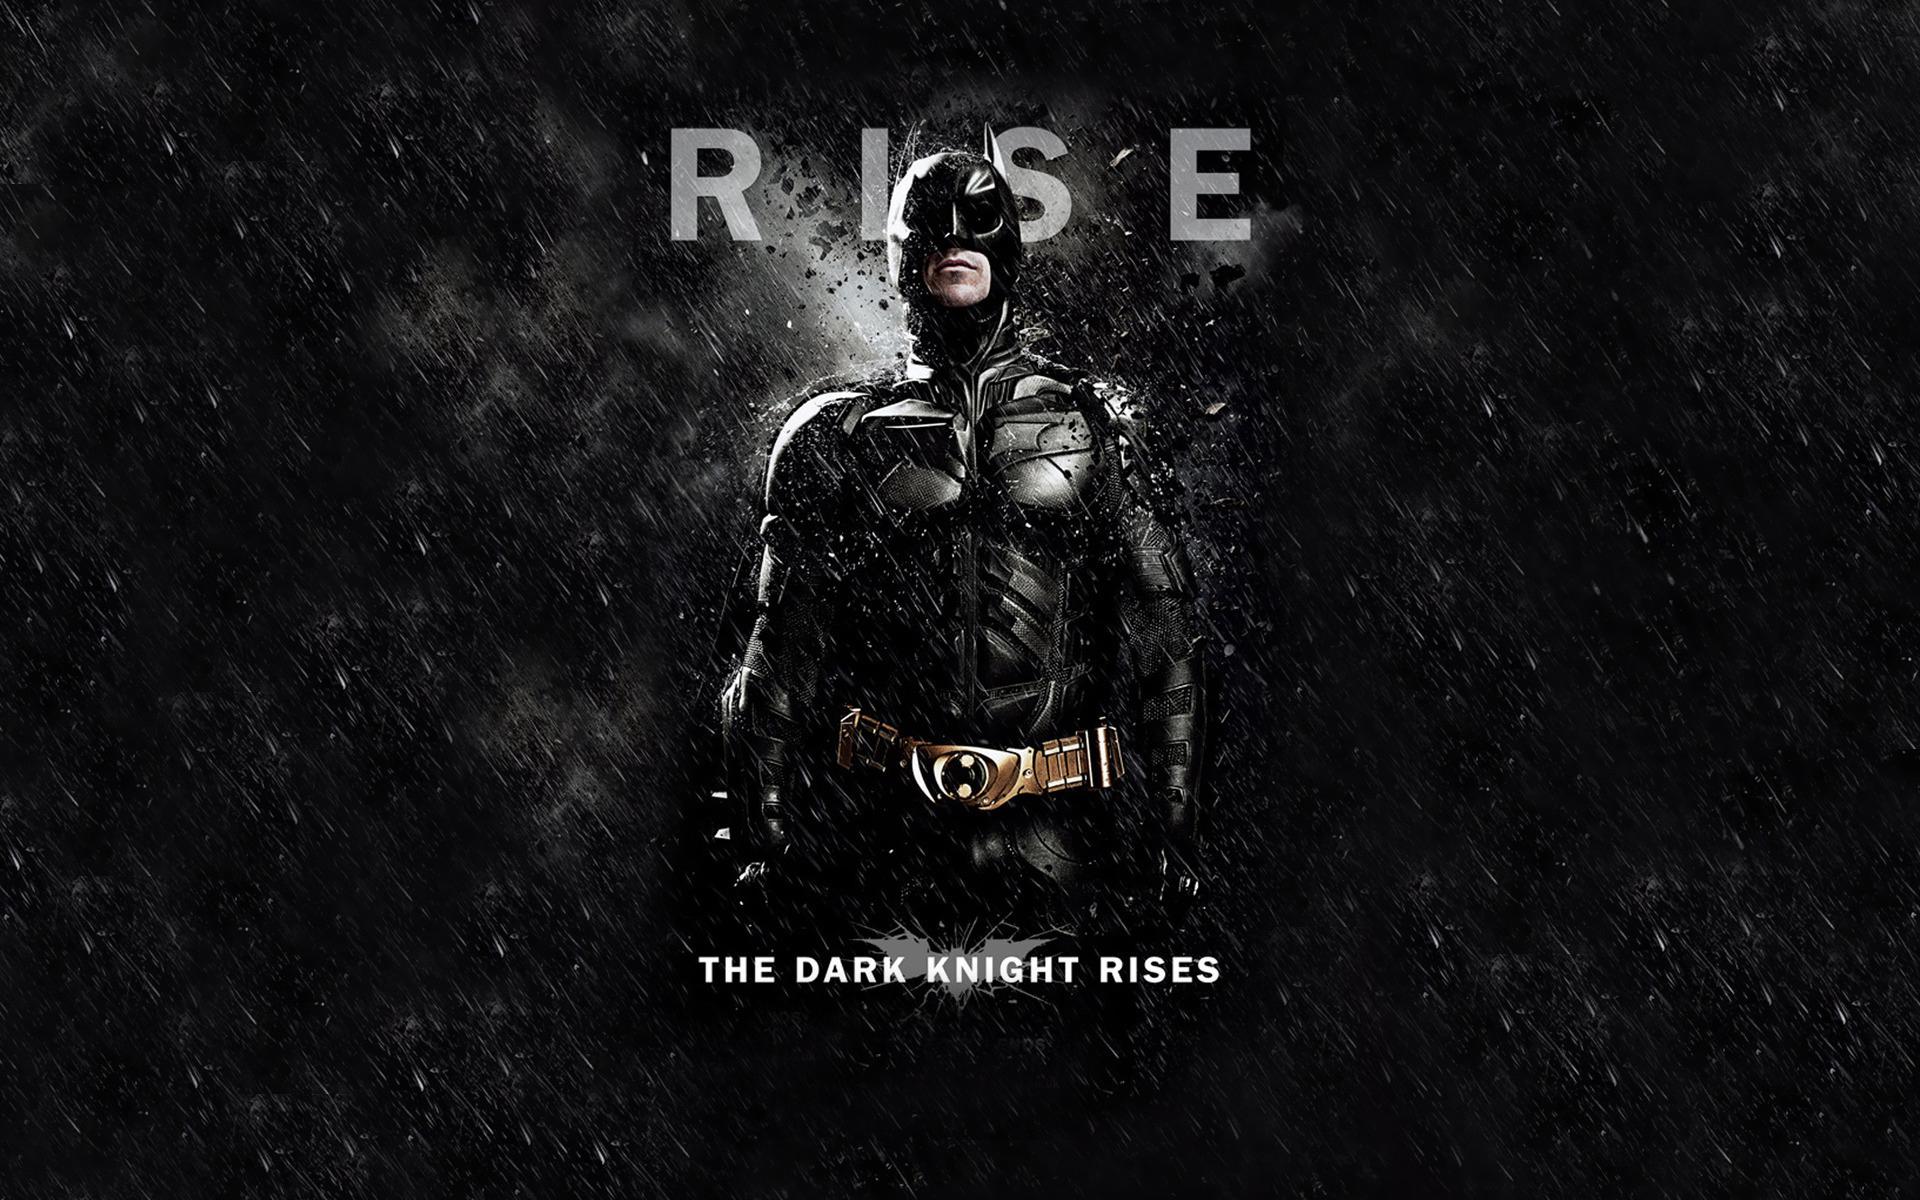 Batman The Dark Knight Rises 23136 Hd Wallpaper